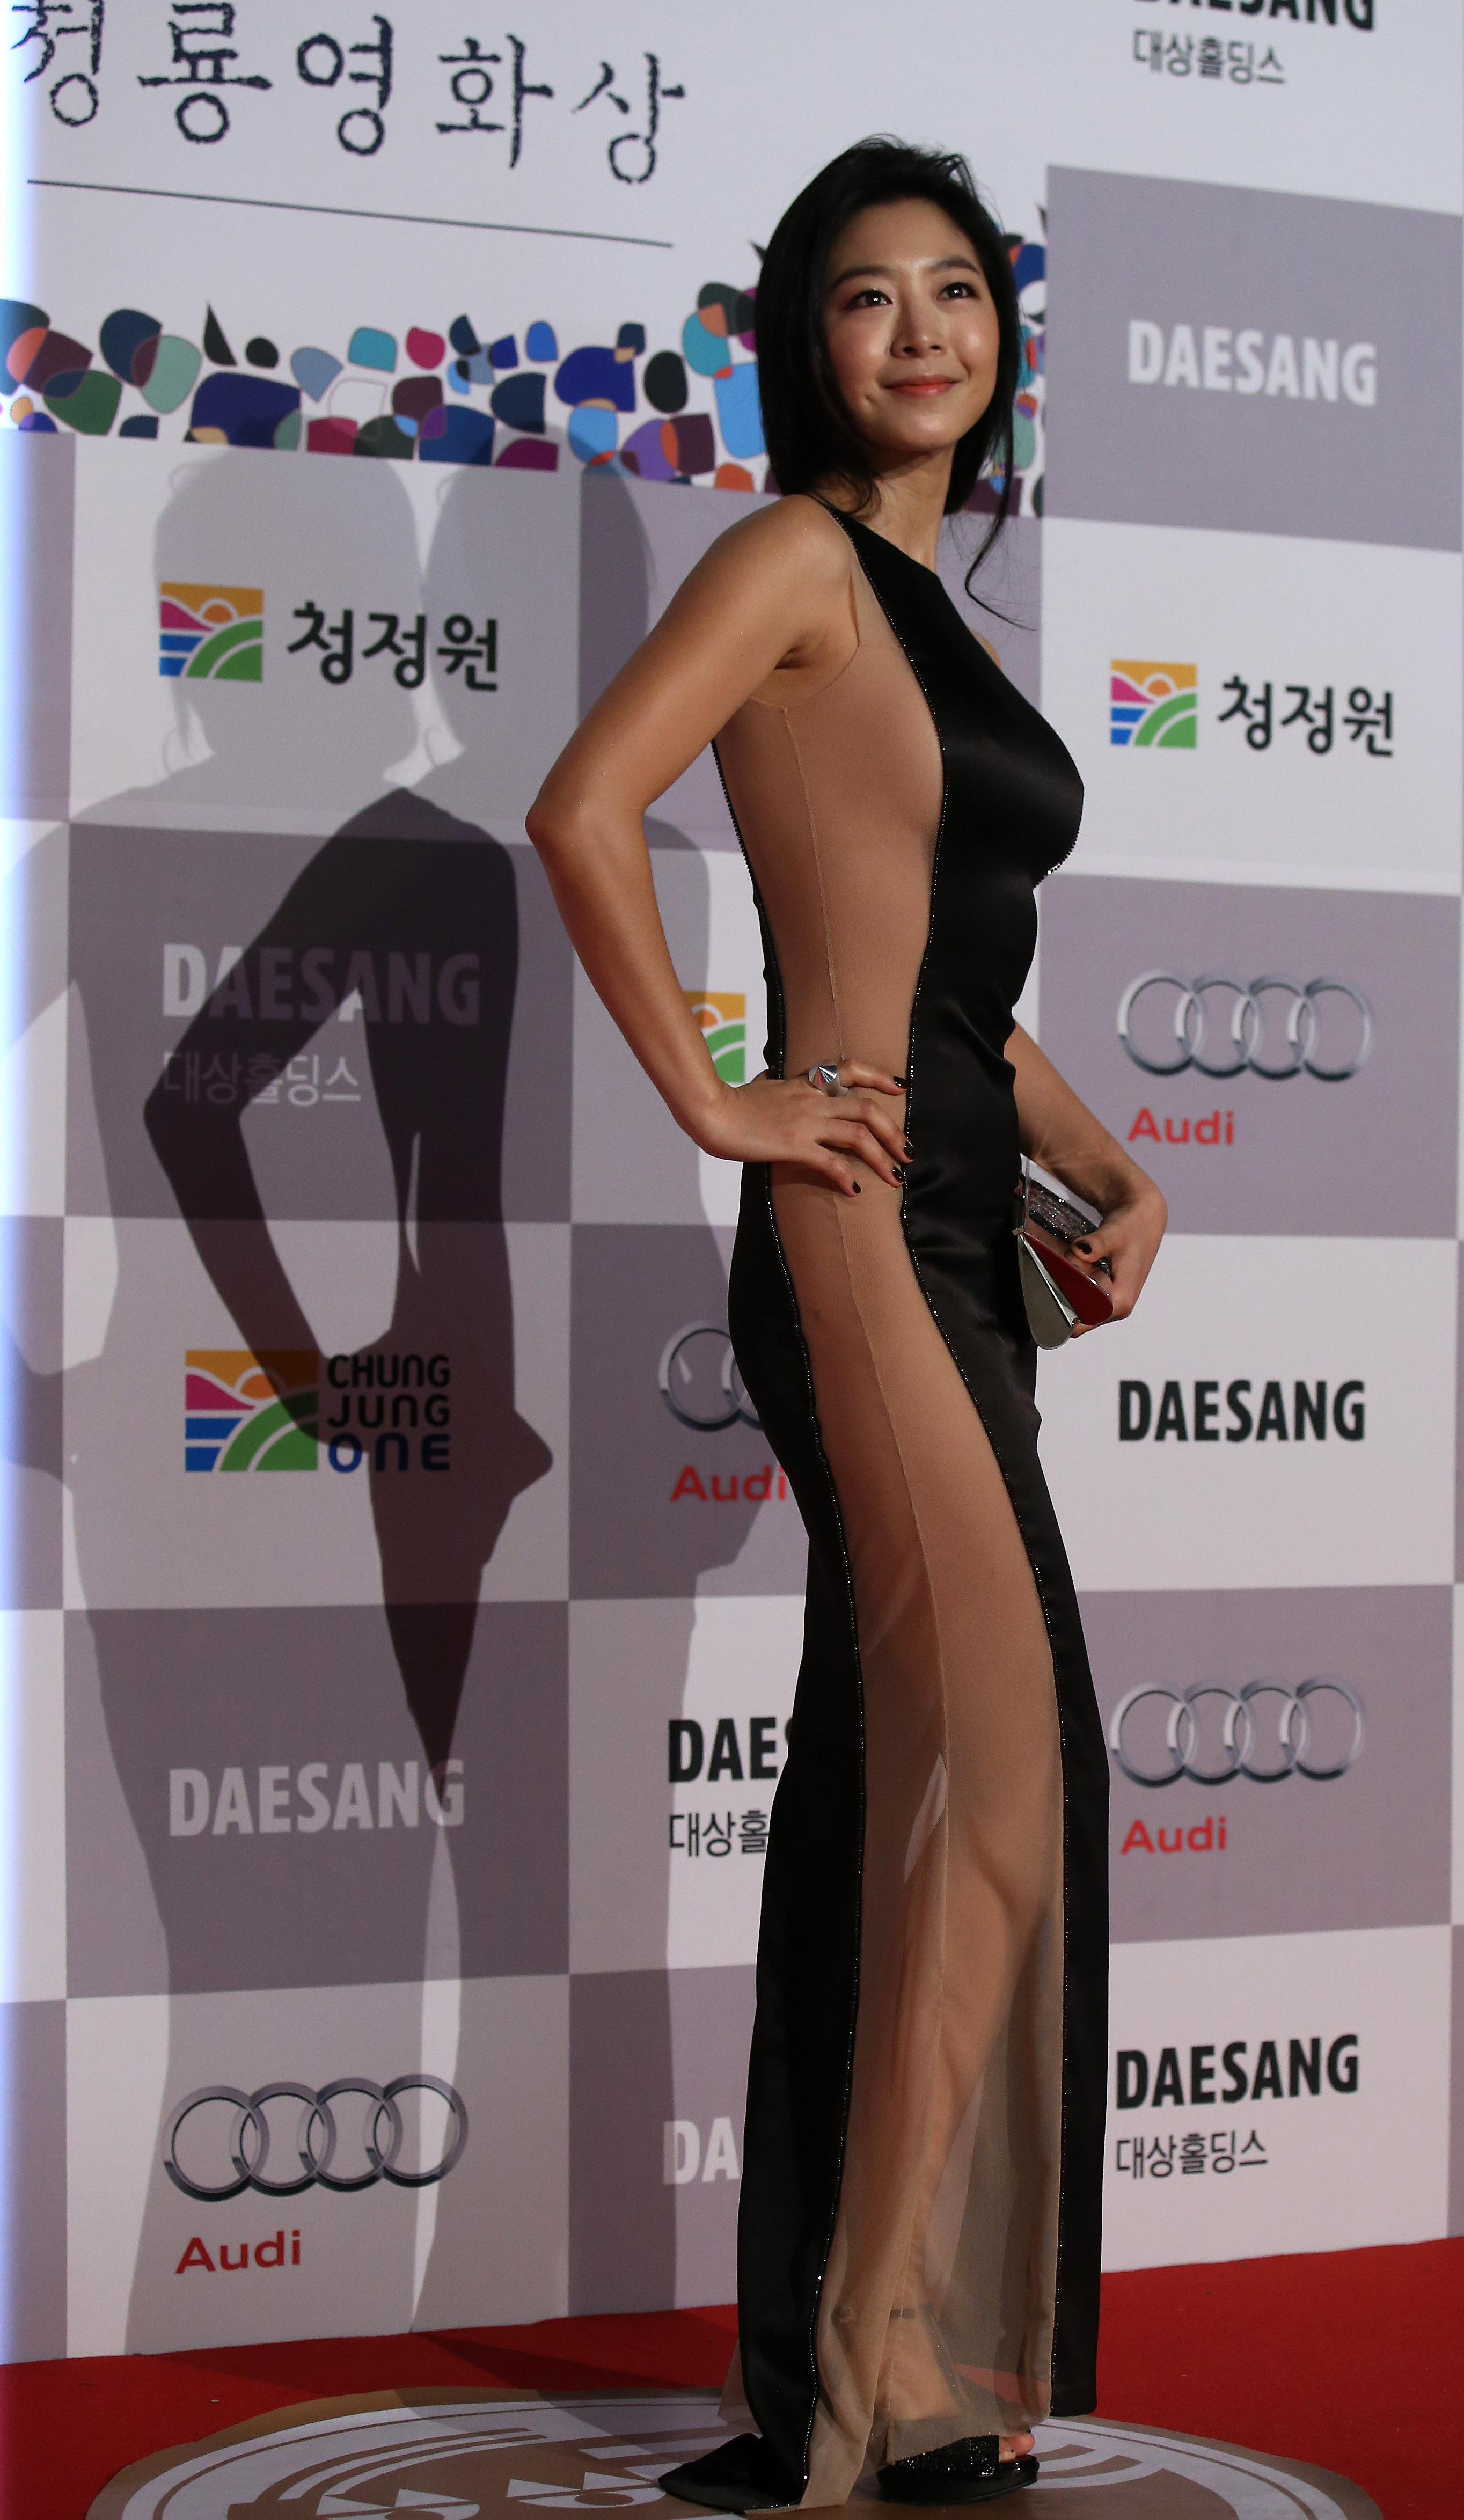 Kim Sun Young Actress And Kim Sun Young